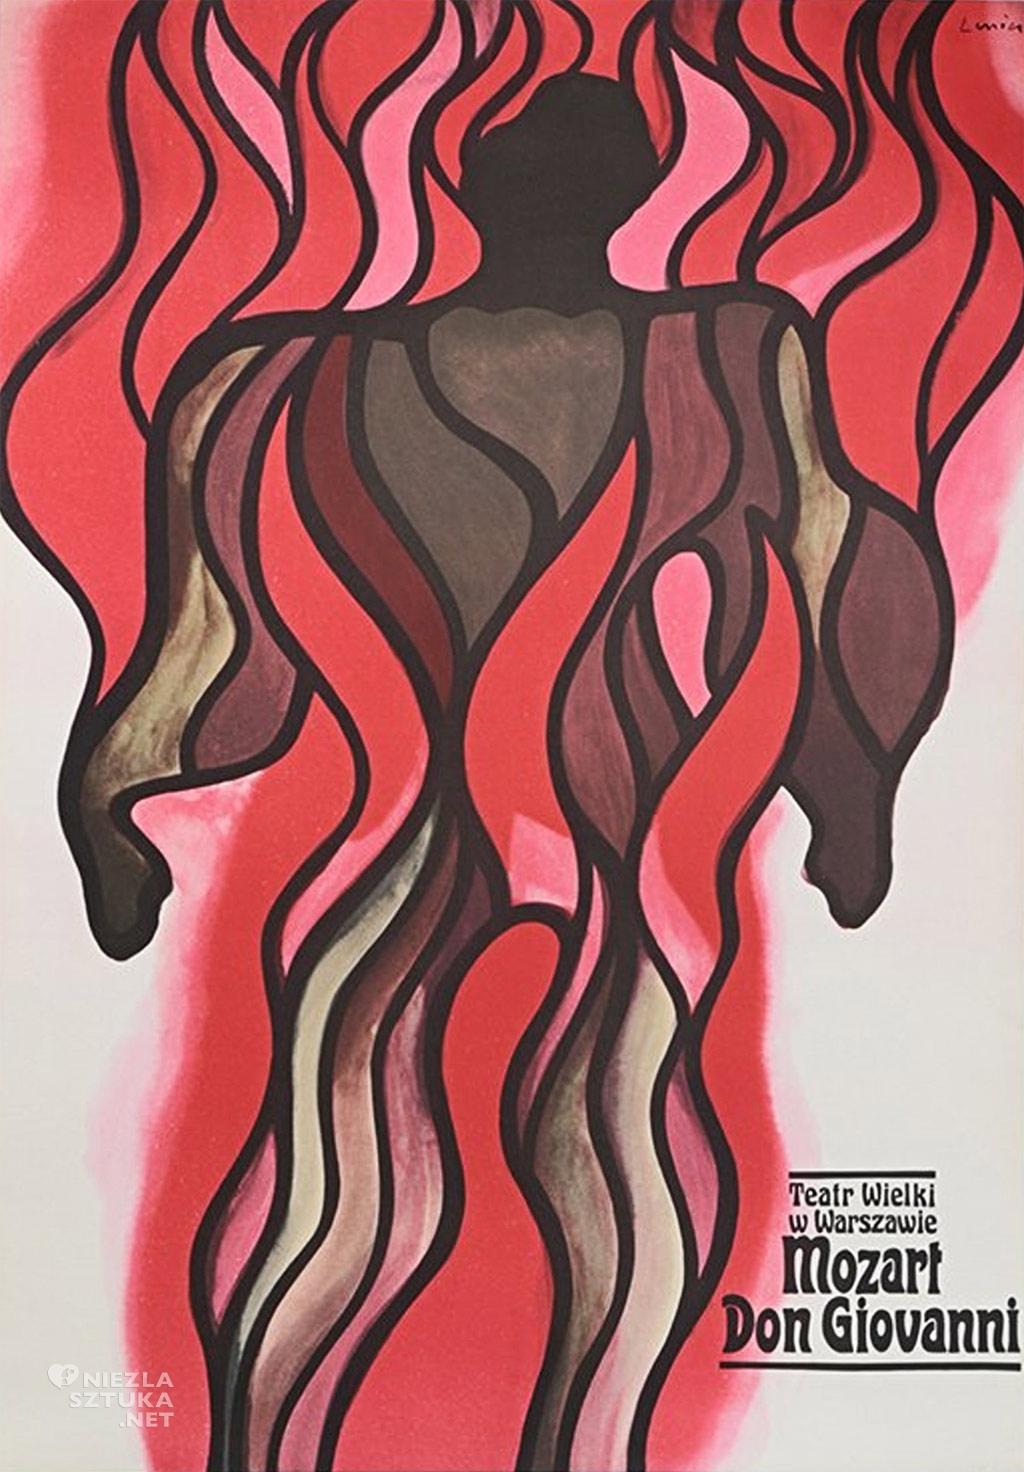 Jan Lenica, Don Giovanni, plakat, niezła sztuka